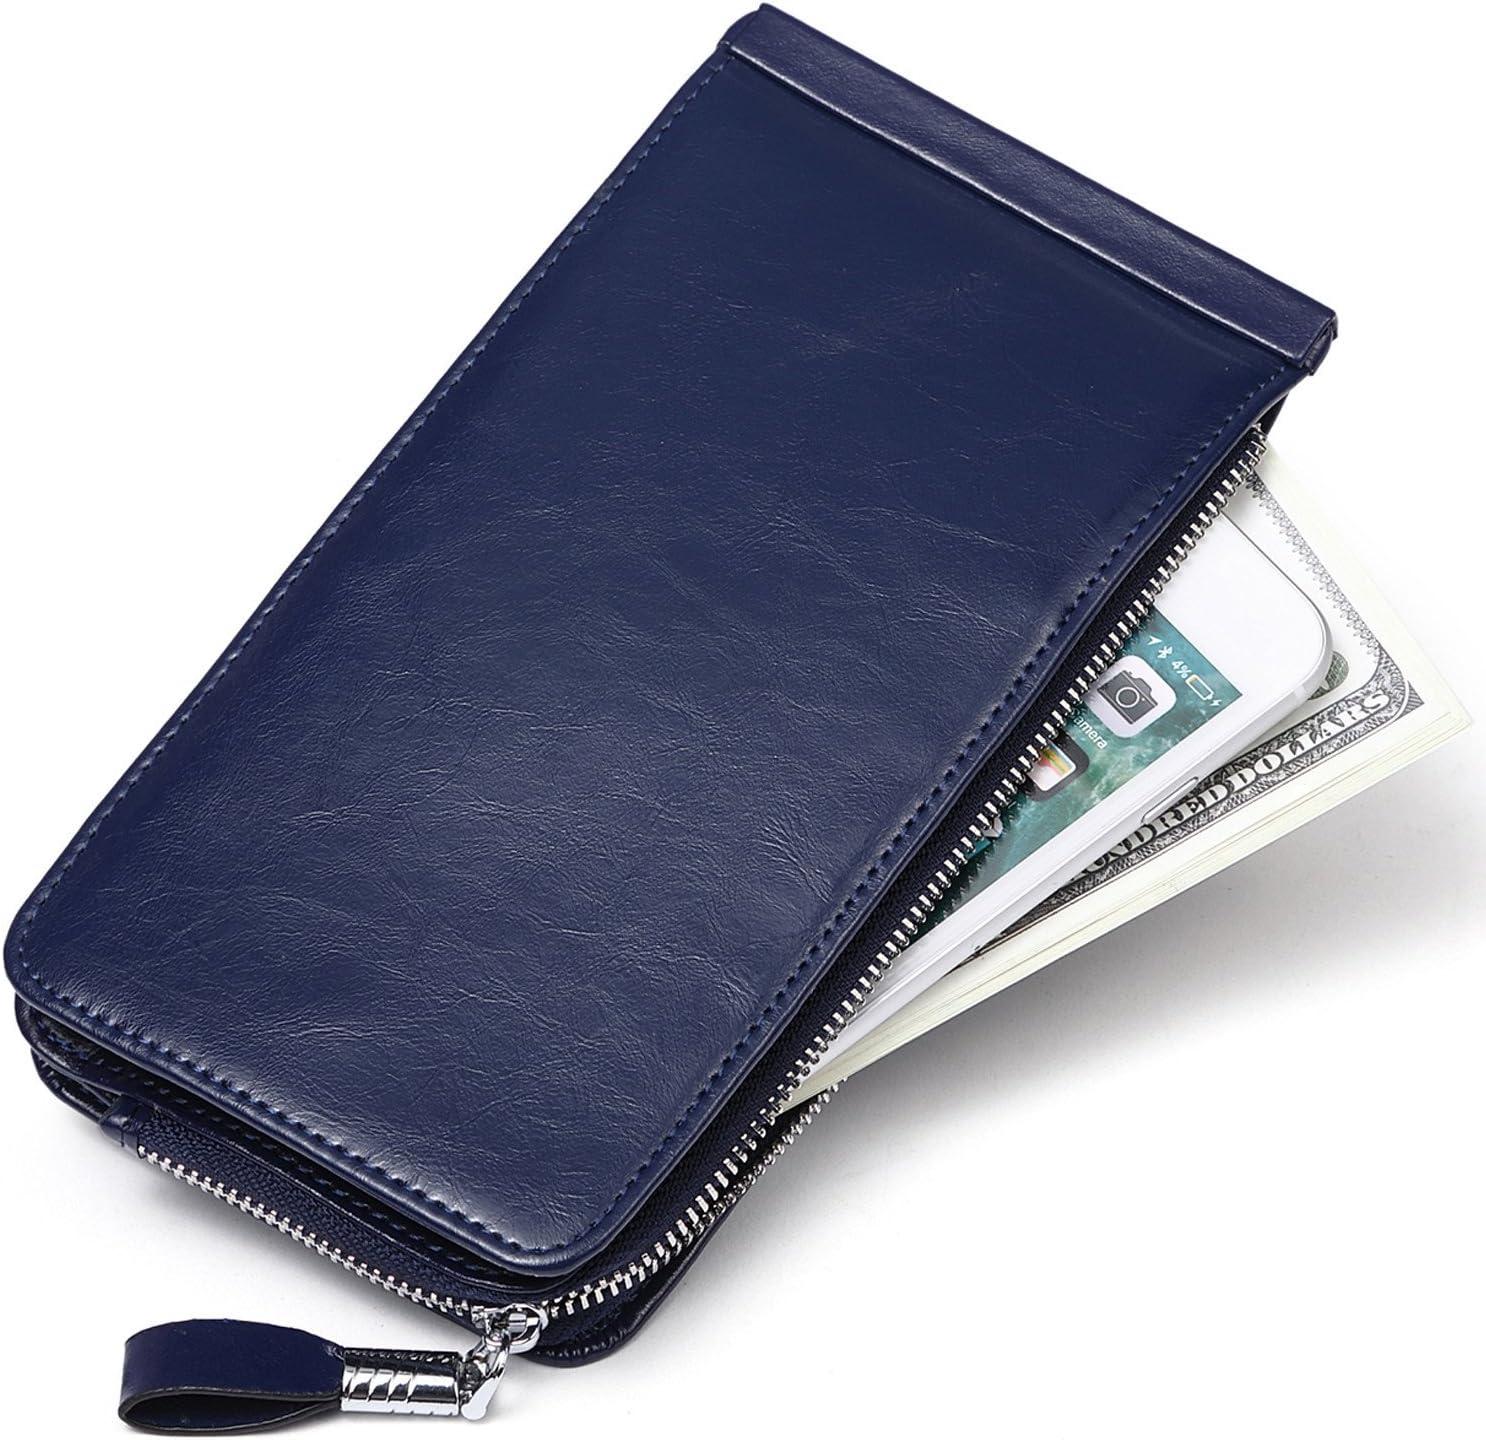 Damen Geldbörse Portemonnaie Groß Geldbeutel Kreditkartenetui lang mit